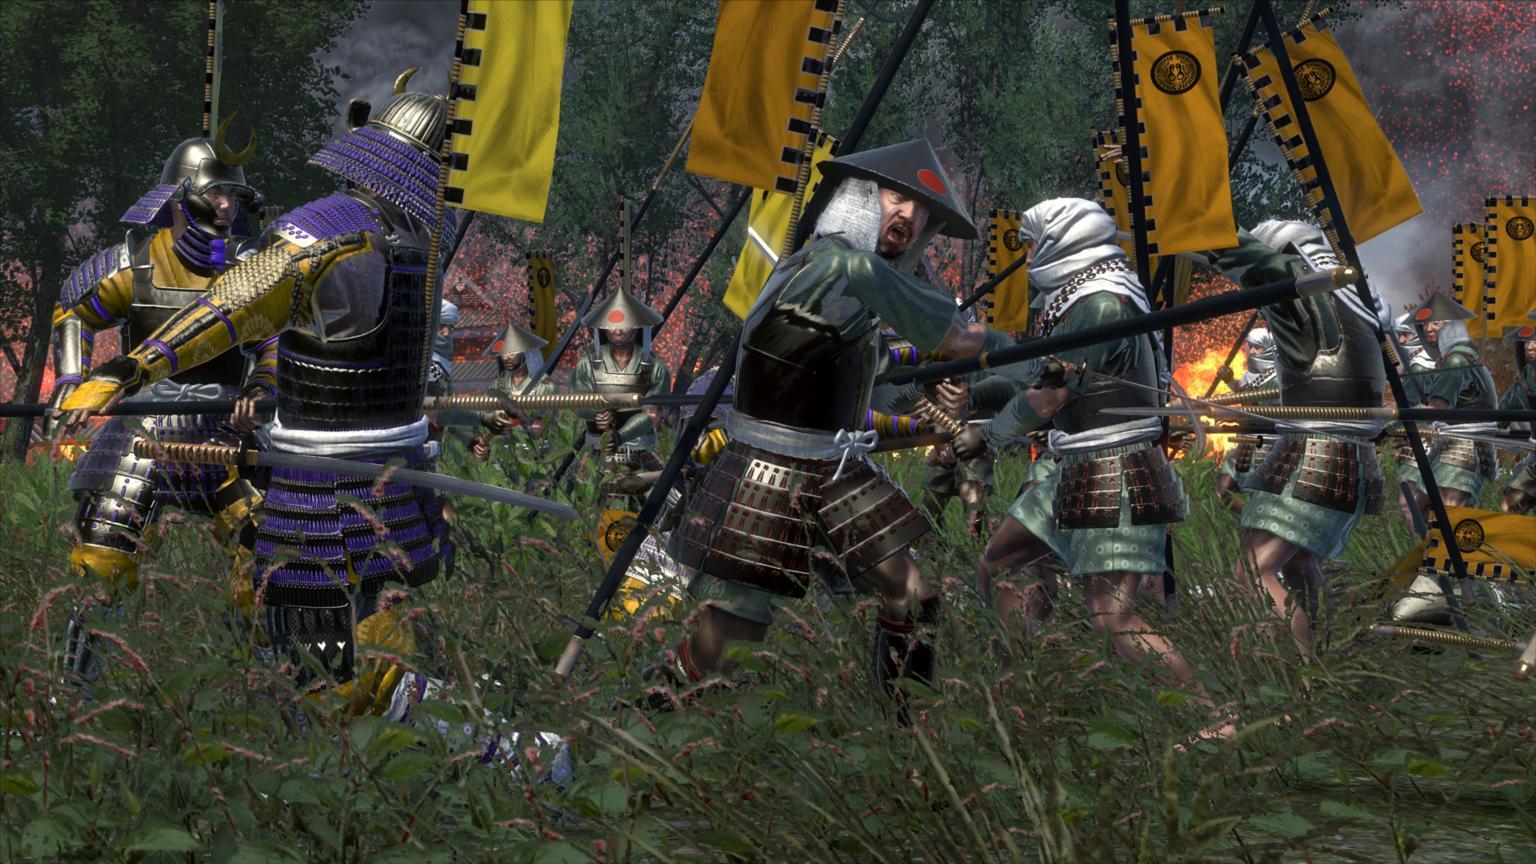 Oda Samurai Fighting Oda Yari Samurai